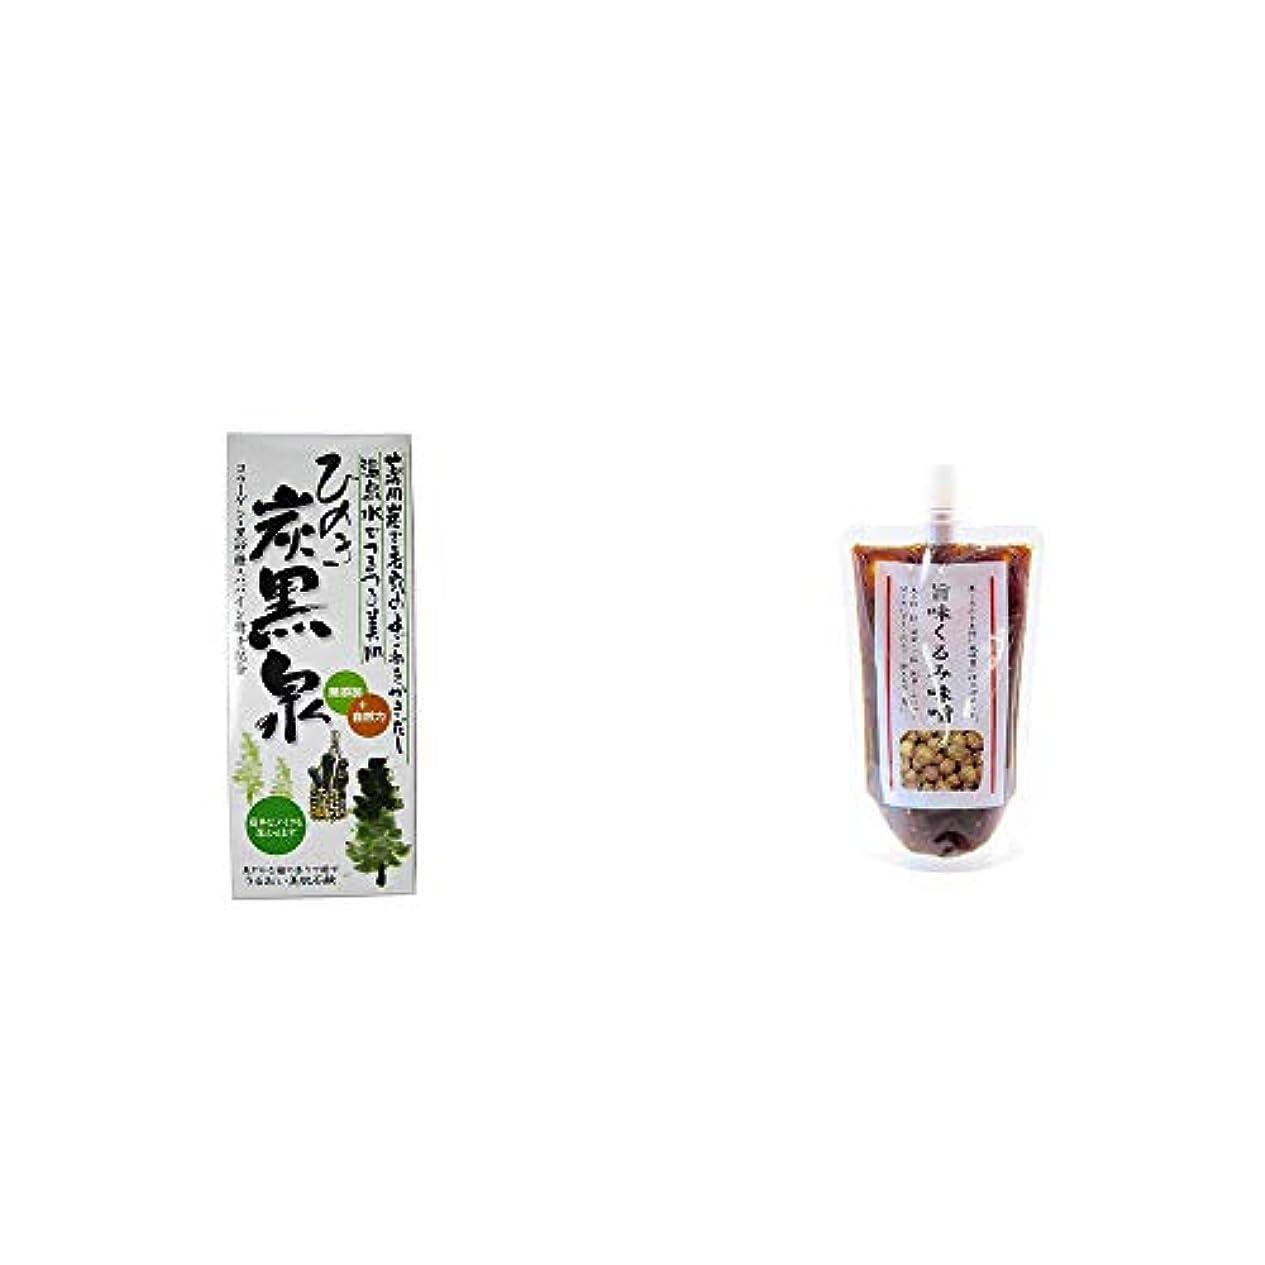 害虫不確実仕様[2点セット] ひのき炭黒泉 箱入り(75g×3)?旨味くるみ味噌(260g)